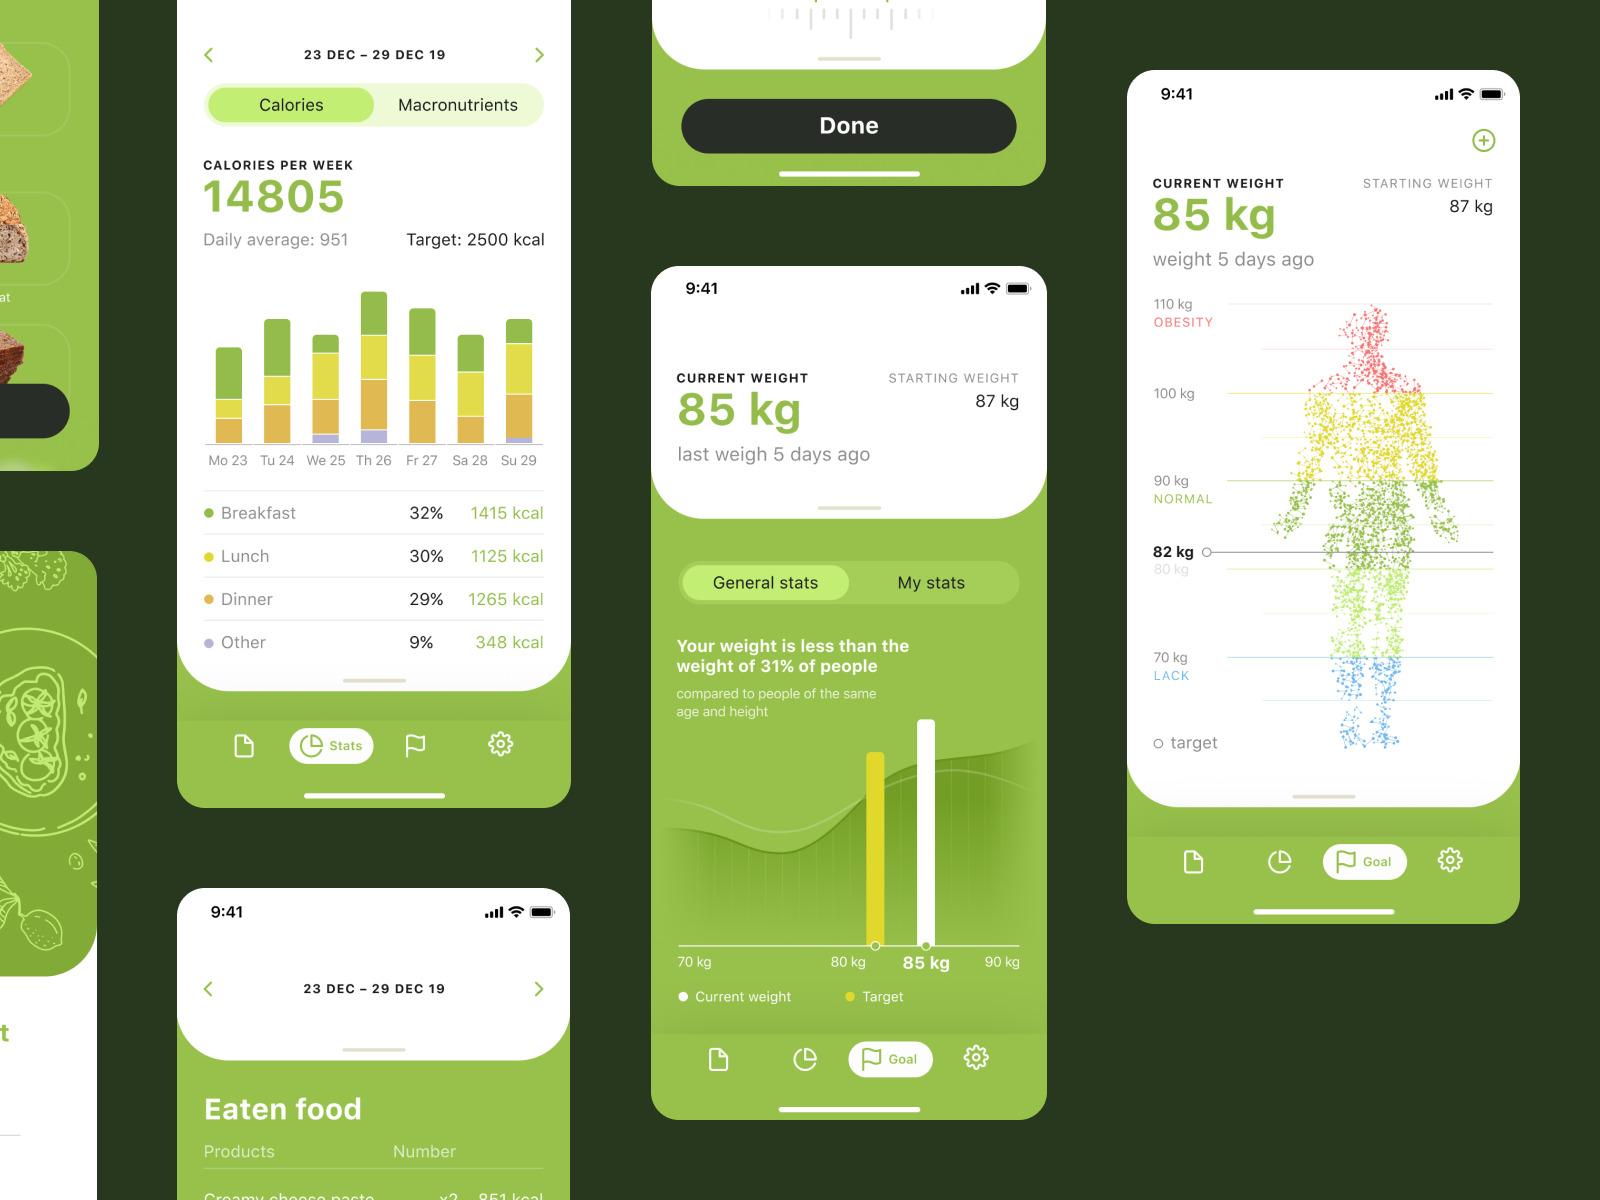 calorie calculator app tubikstudio